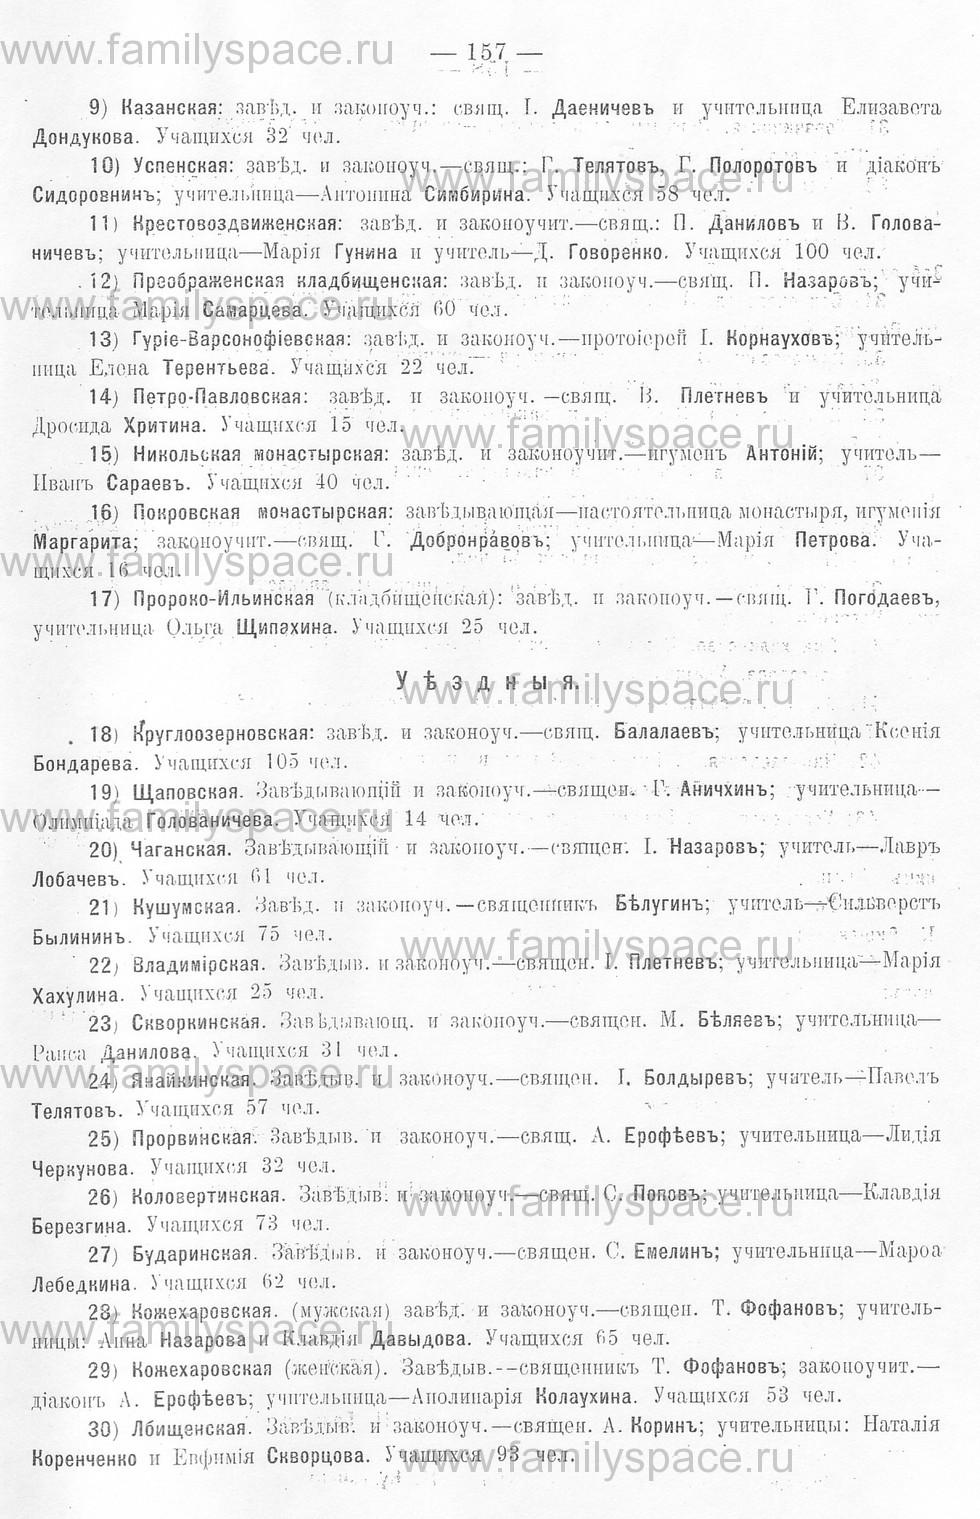 Поиск по фамилии - Памятная книжка Уральской области на 1913 год, страница 157